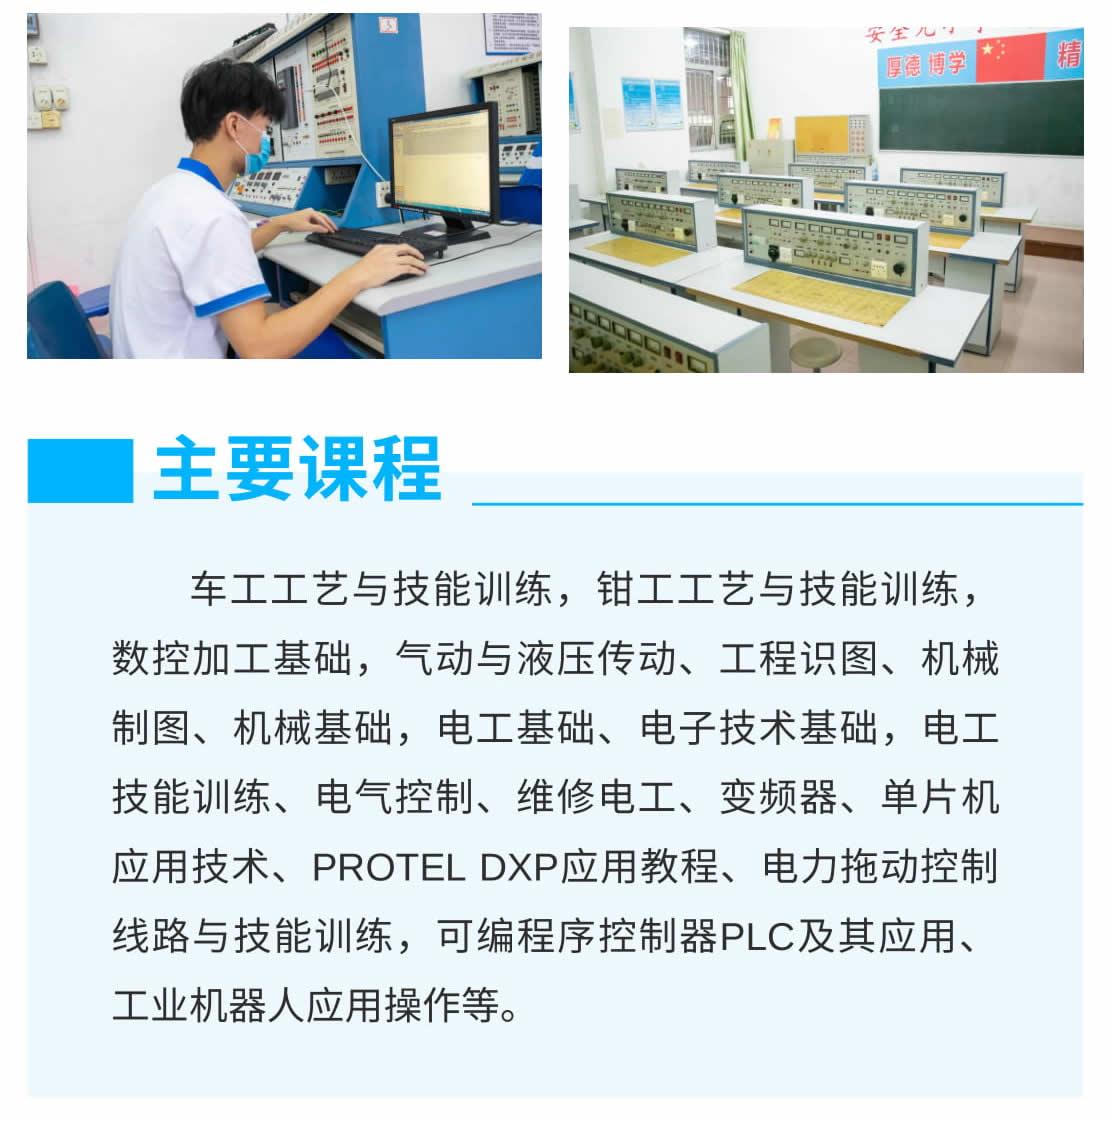 机电一体化(高中起点三年制)-1_r2_c1.jpg